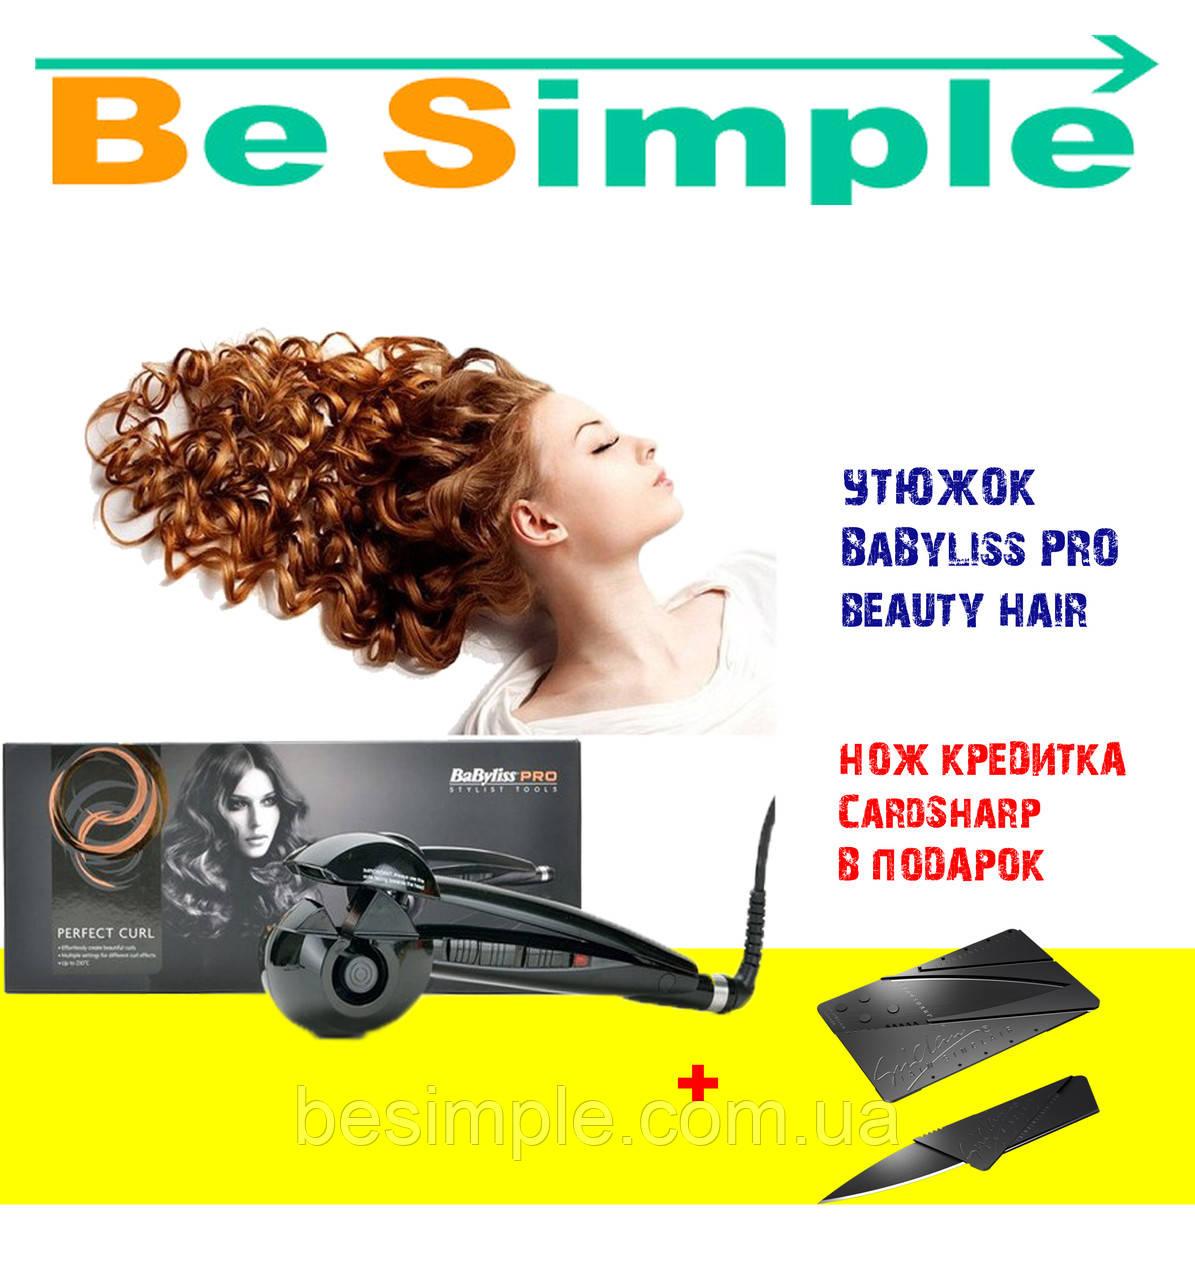 Профессиональный утюжок BaByliss PRO beauty hair